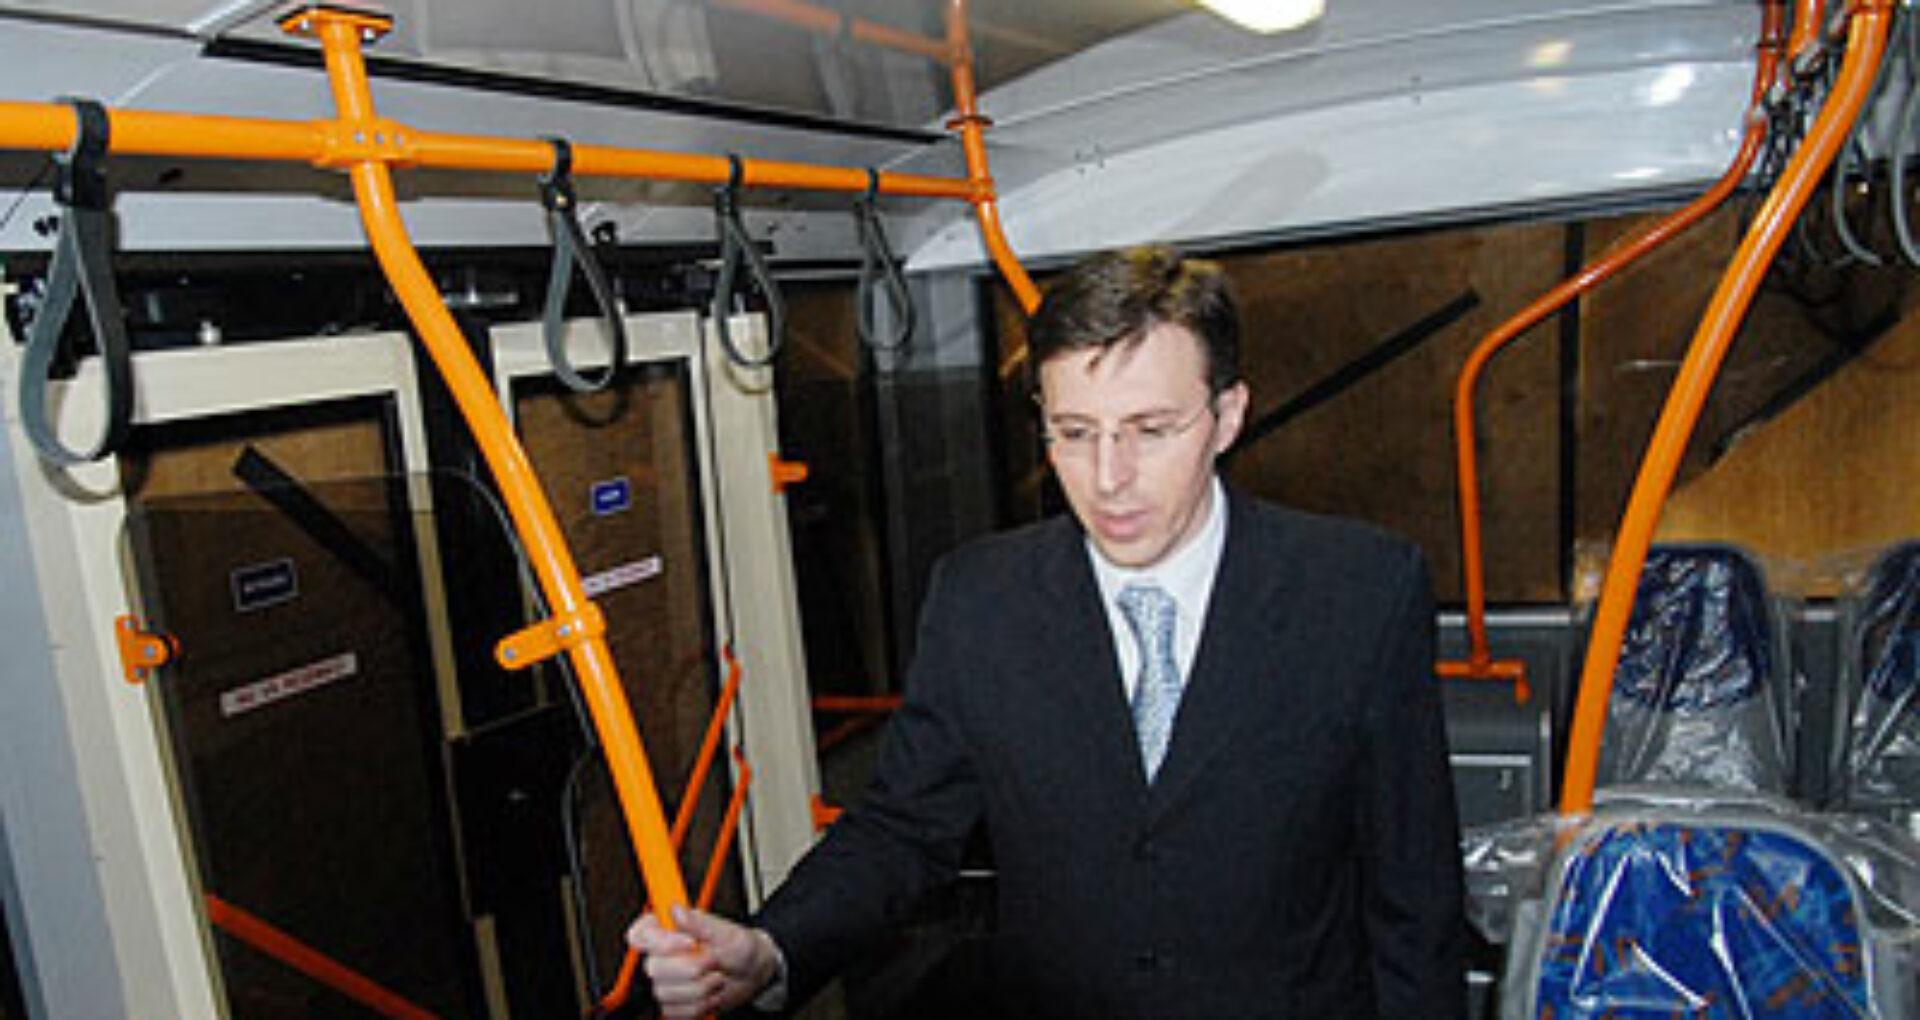 Sistem de taxare electronică în transportul public din capitală: da ori ba?